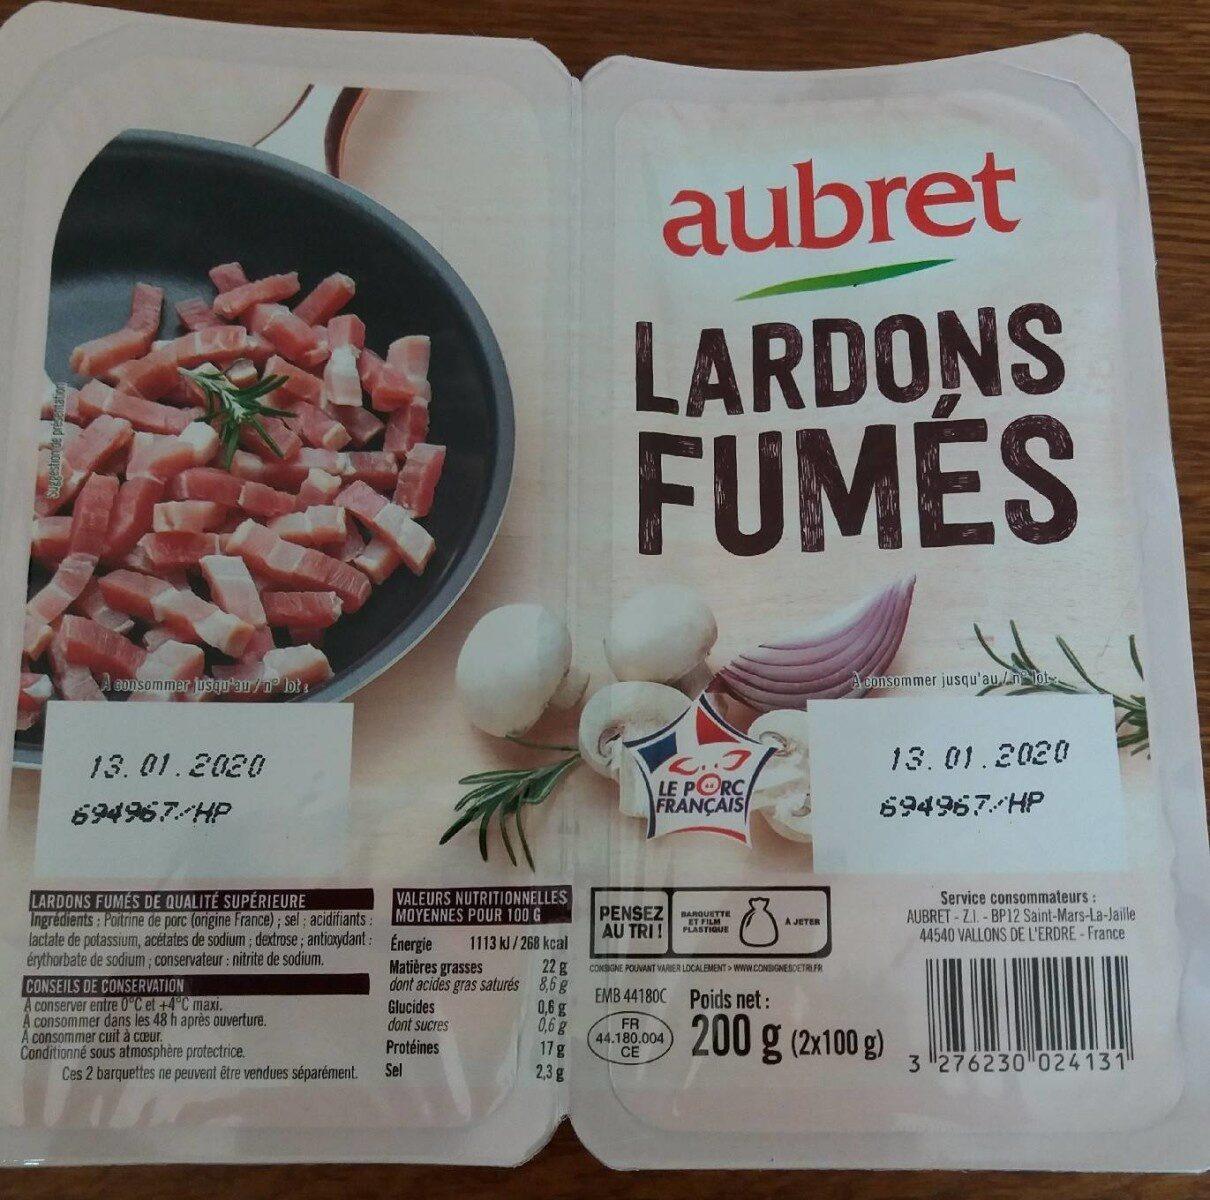 Lardons fumés aubret - Product